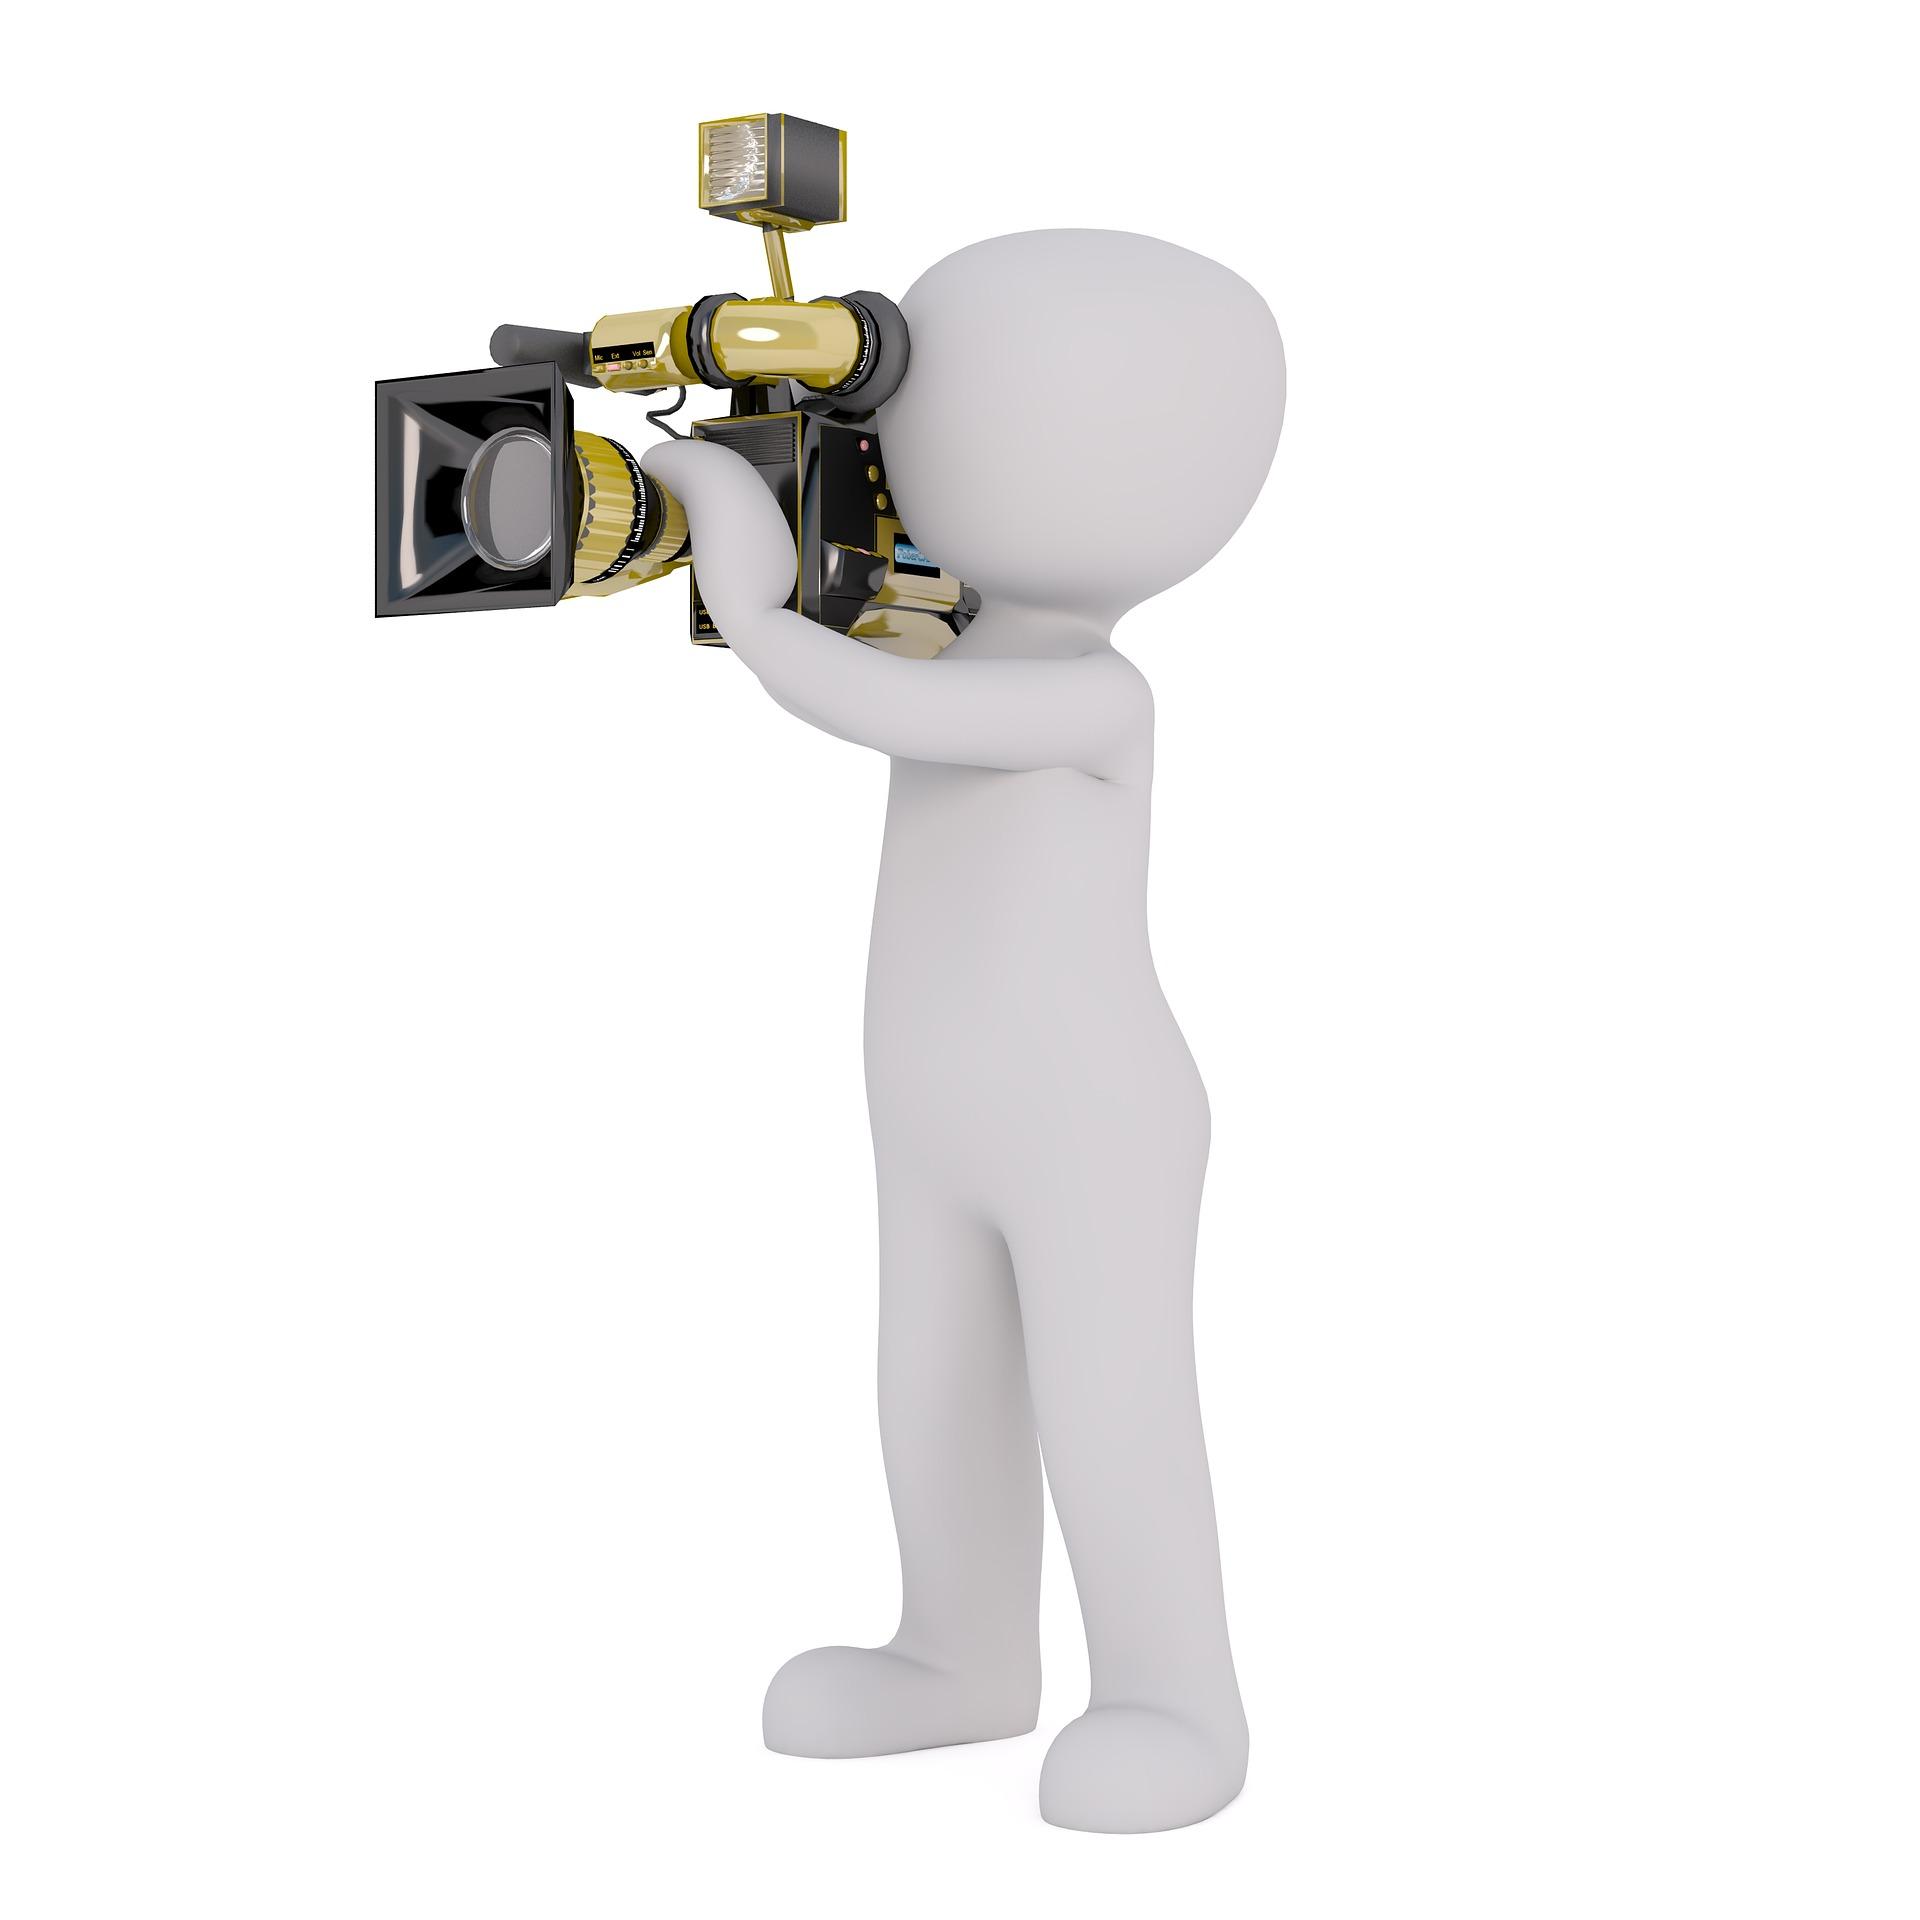 camera-1816351_1920.jpg